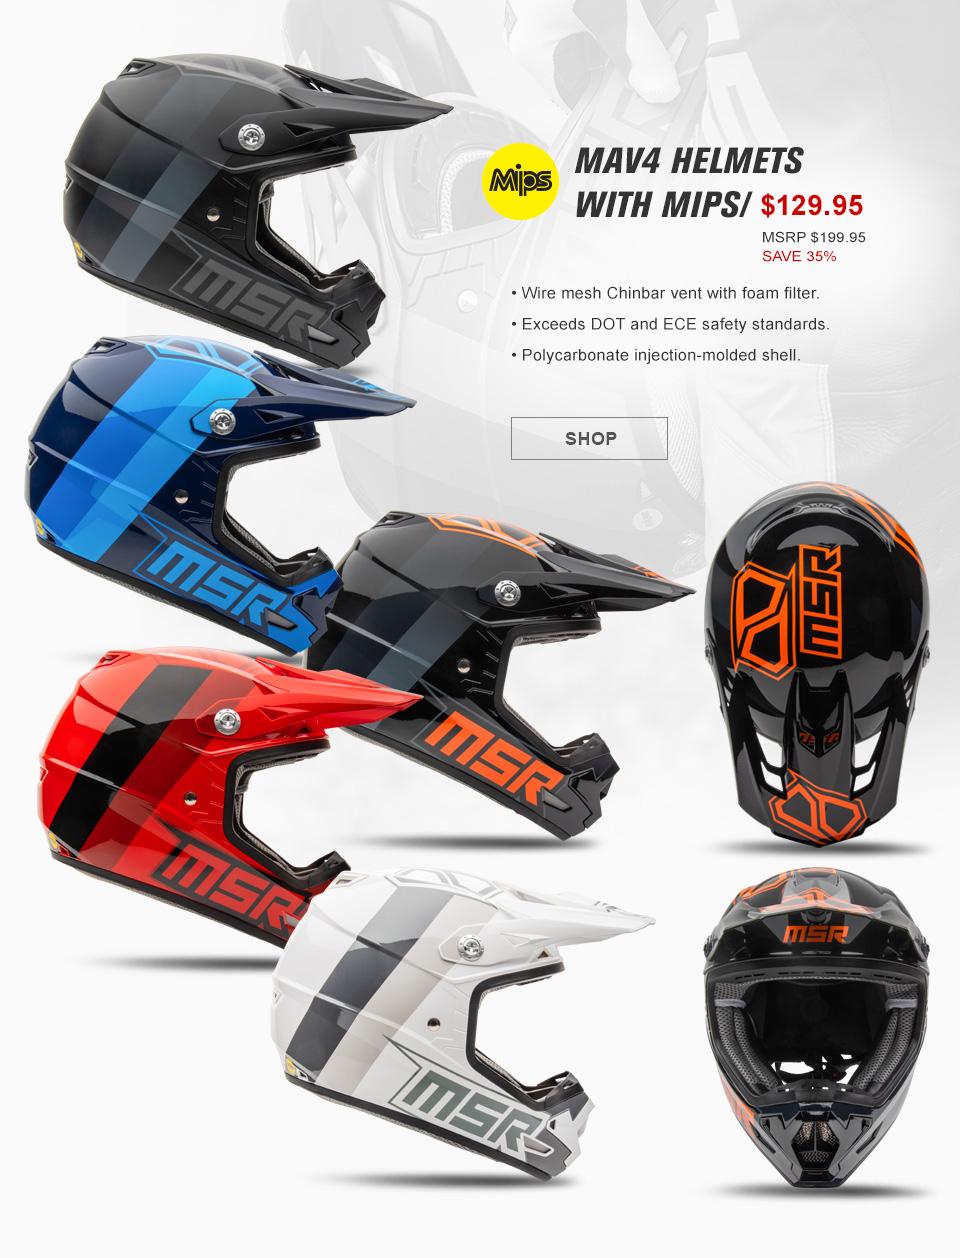 Mav 4 Helmets